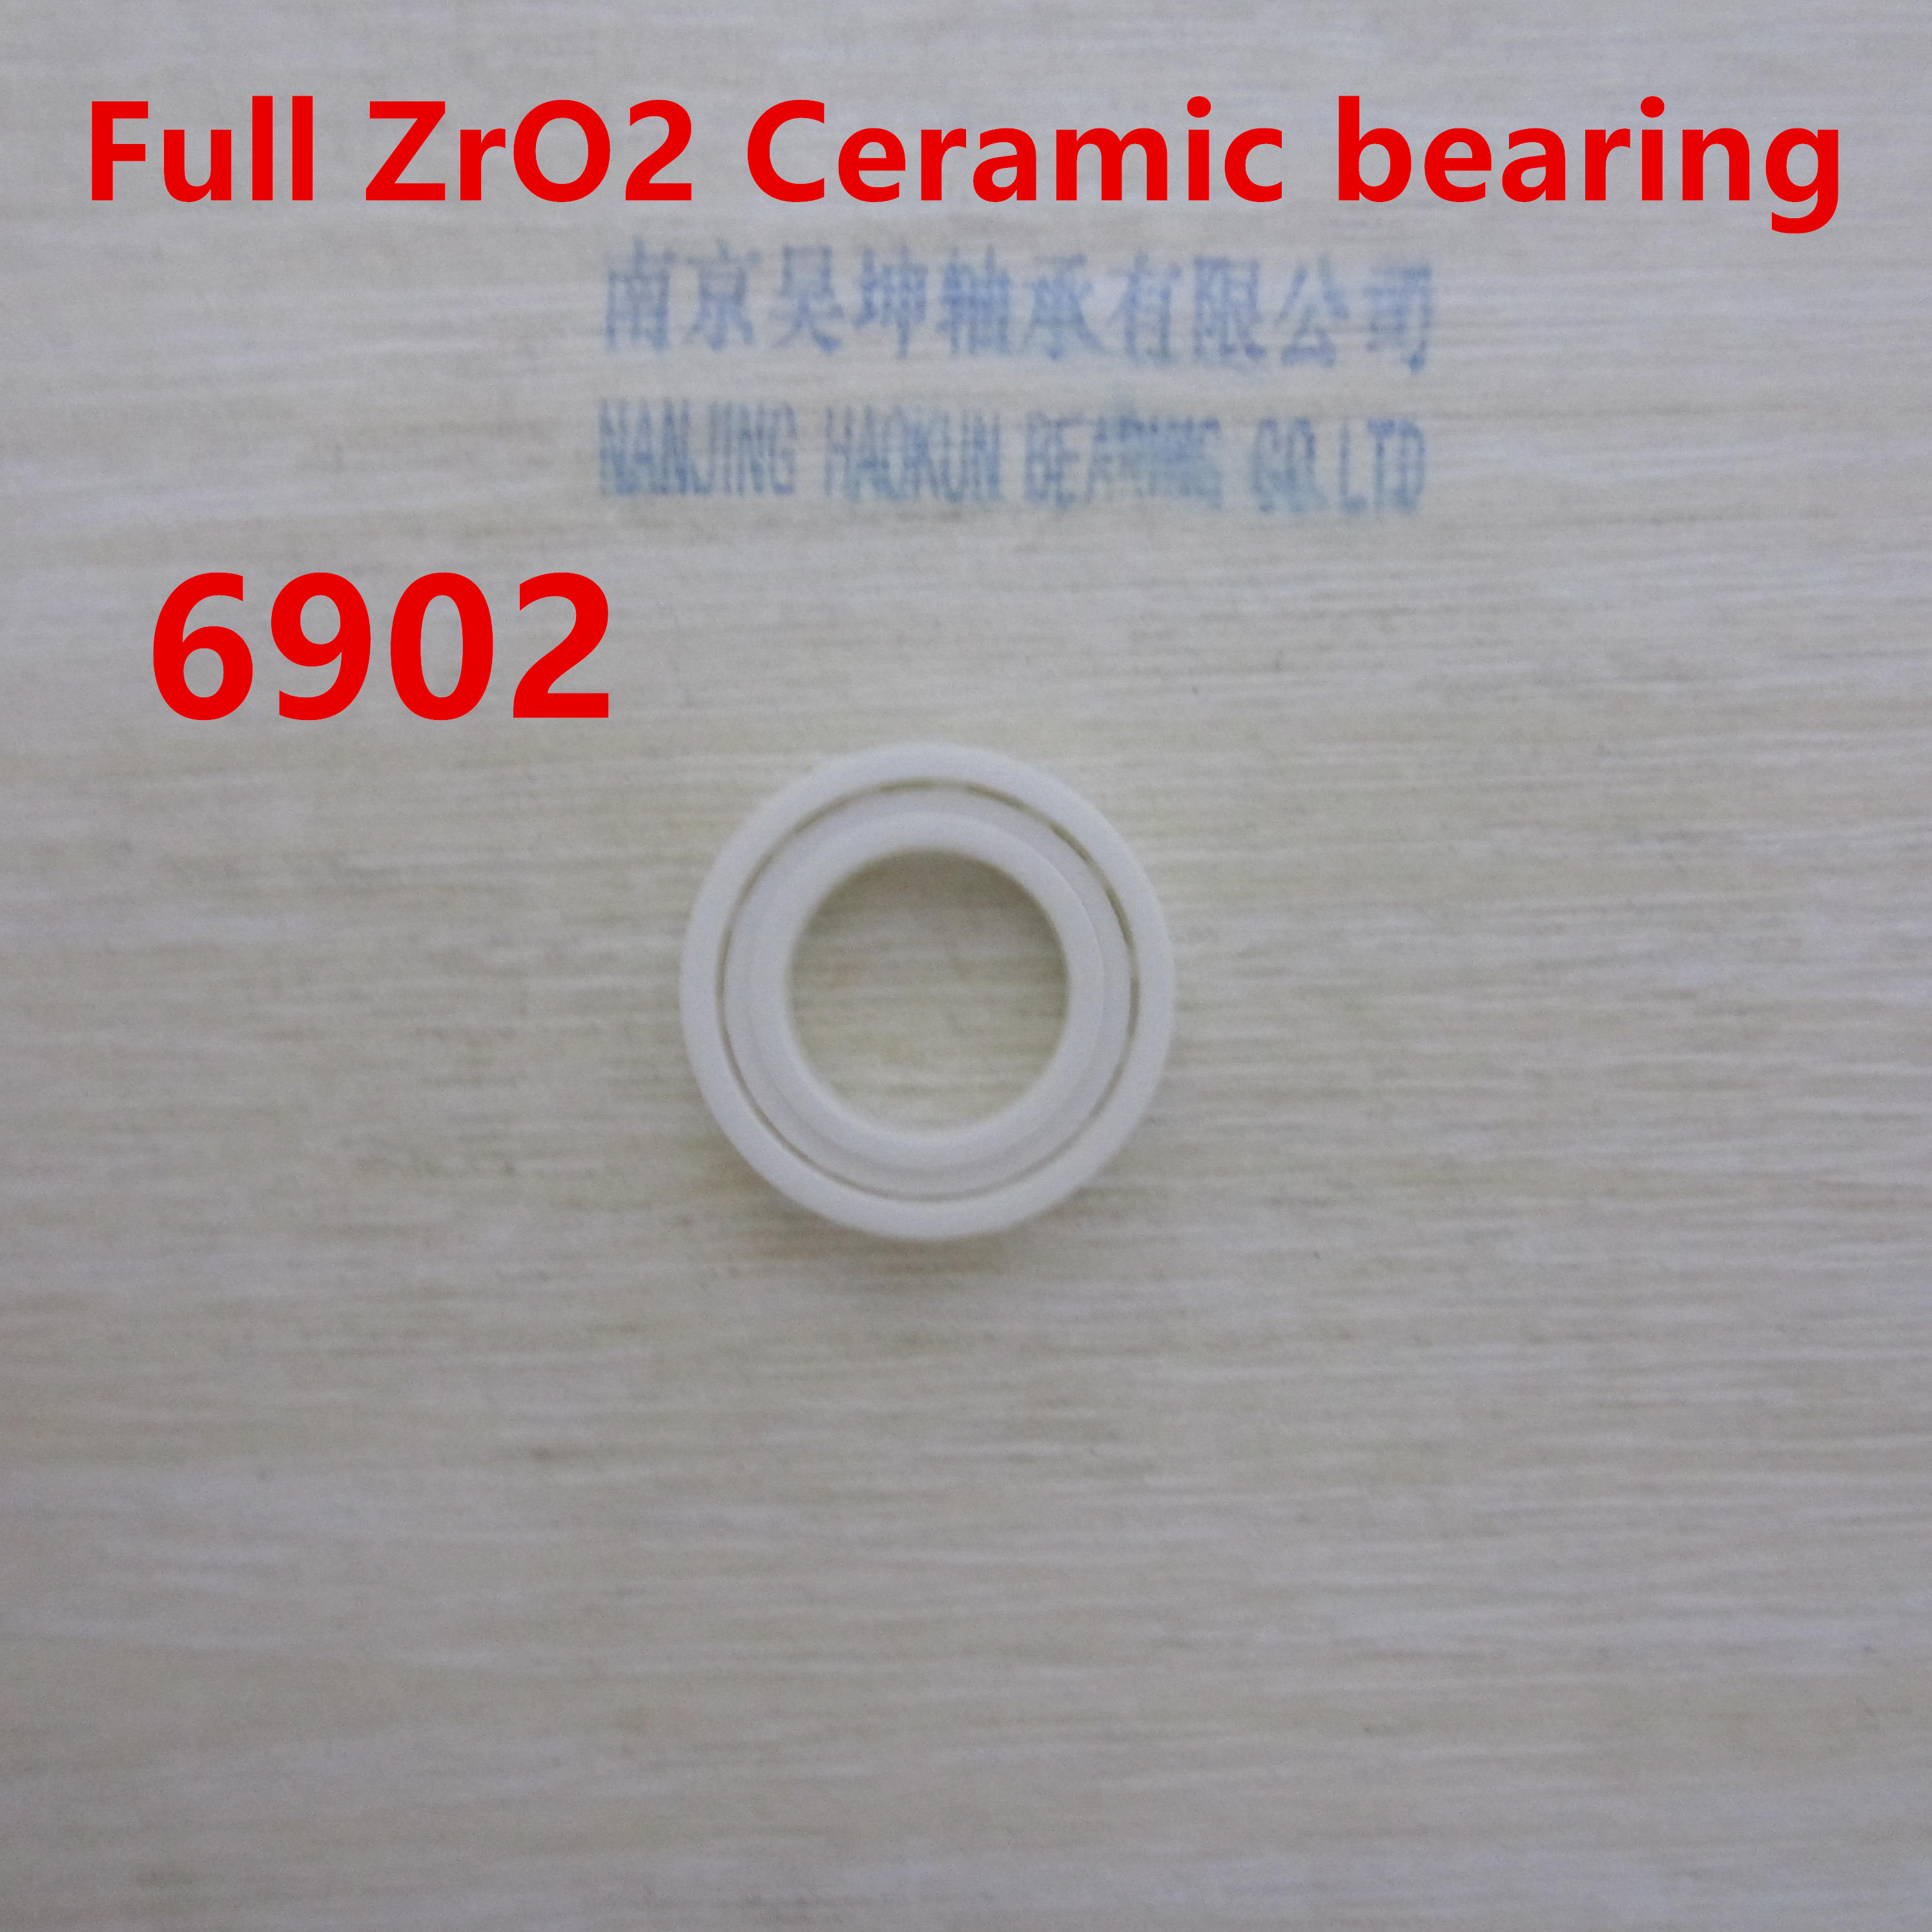 ceramic bearing 61902 ZRO2 ceramic bearing 15*28*7mm 6902 15267 2rs ceramic wheel hub bearing zro2 15267 15 26 7mm full zro2 ceramic bike bearing